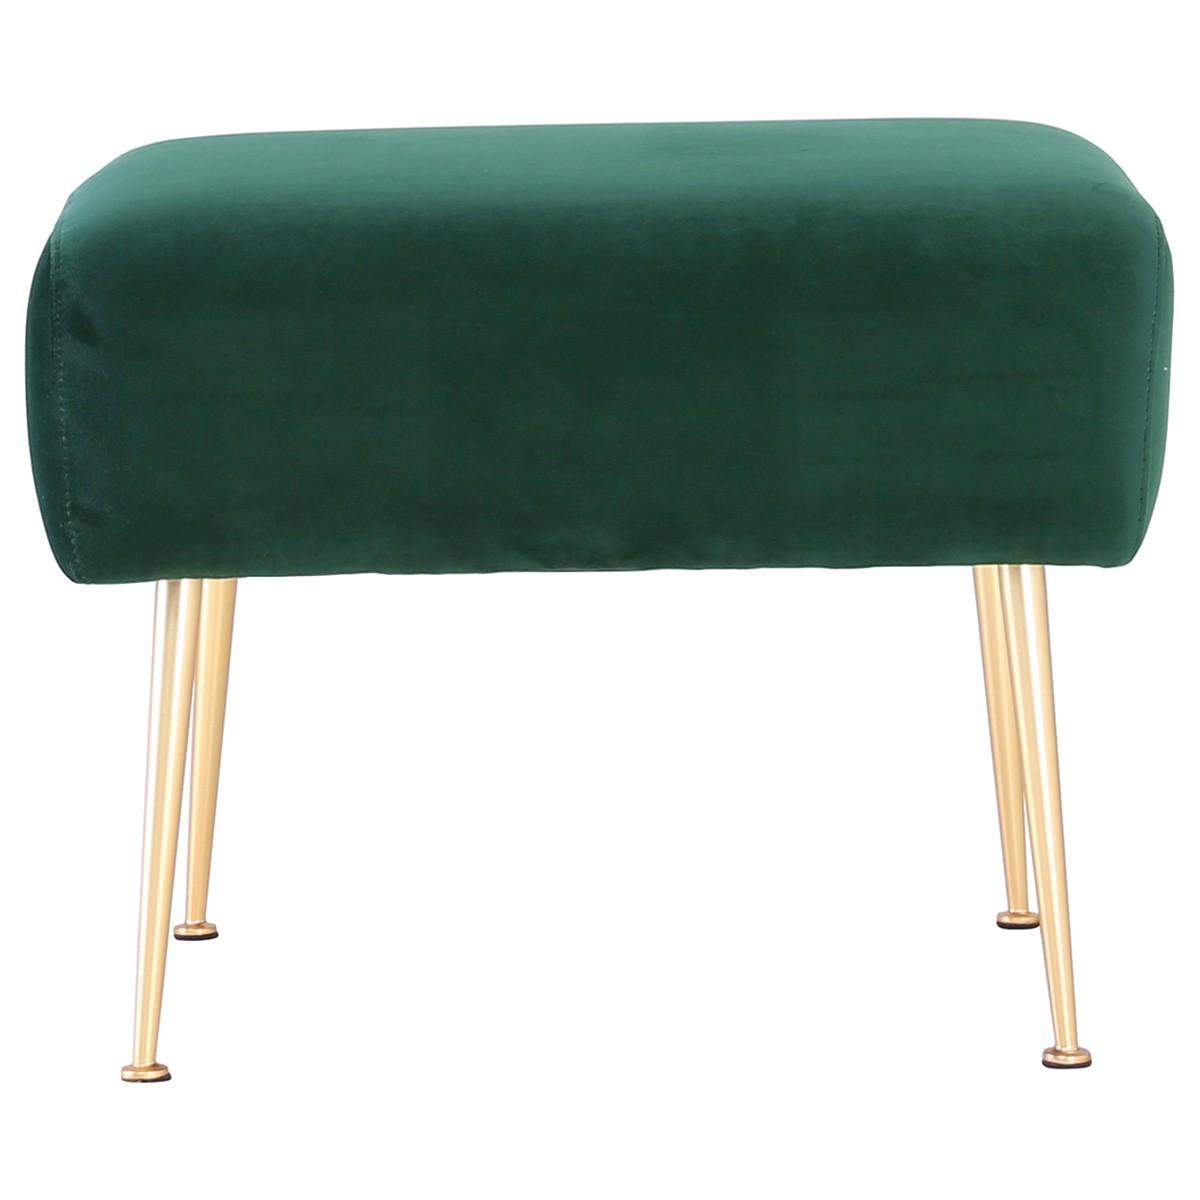 Alero Commercial Grade Veloutine Fabric Ottoman, Dark Green